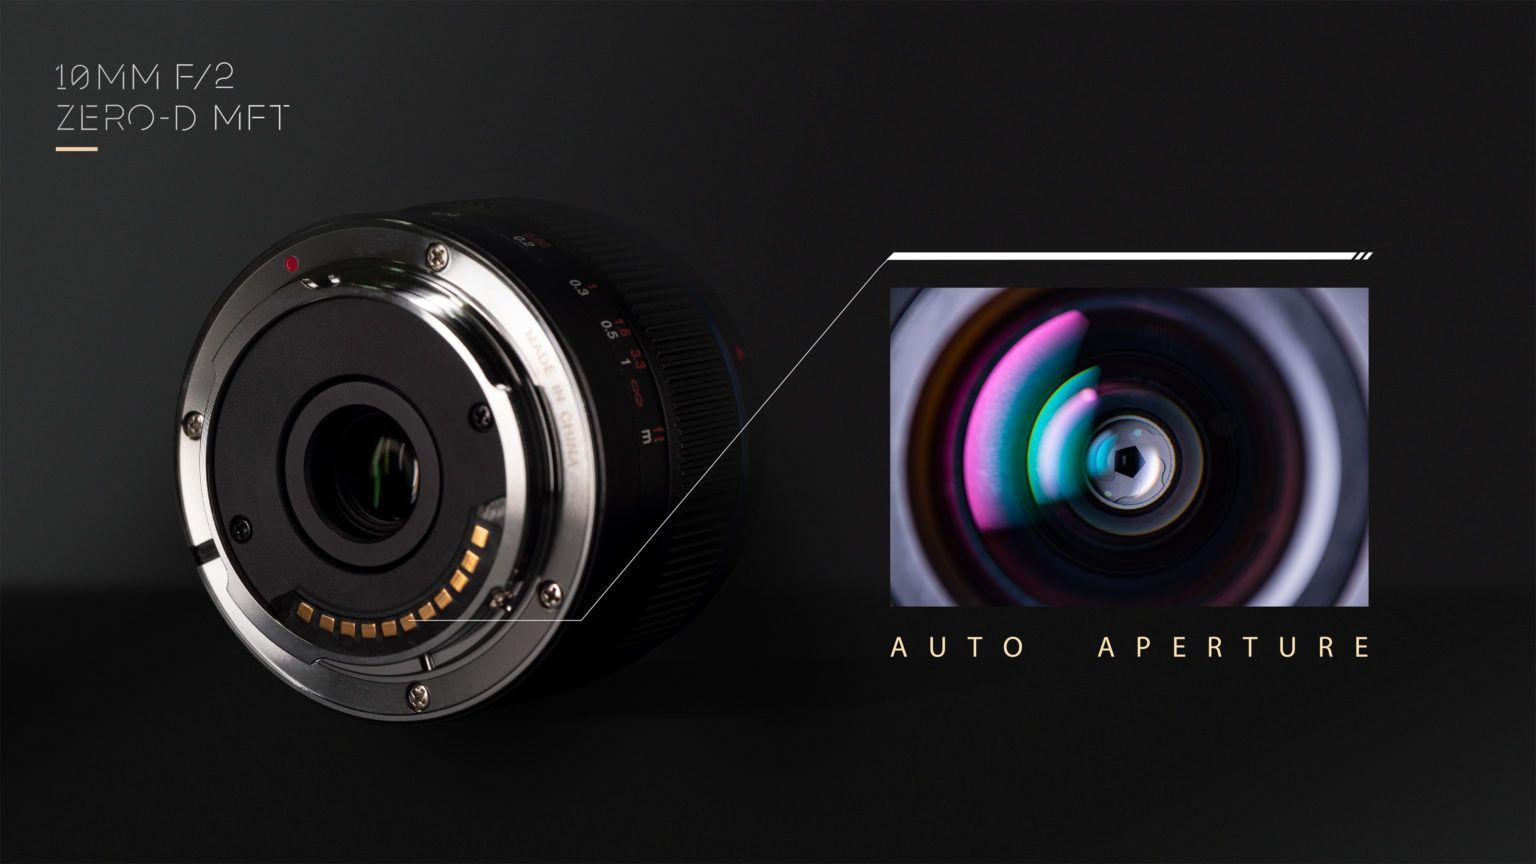 Управление диафрагмой объектива Laowa 10mm f/2 Zero-D MFT реализовано через меню камеры